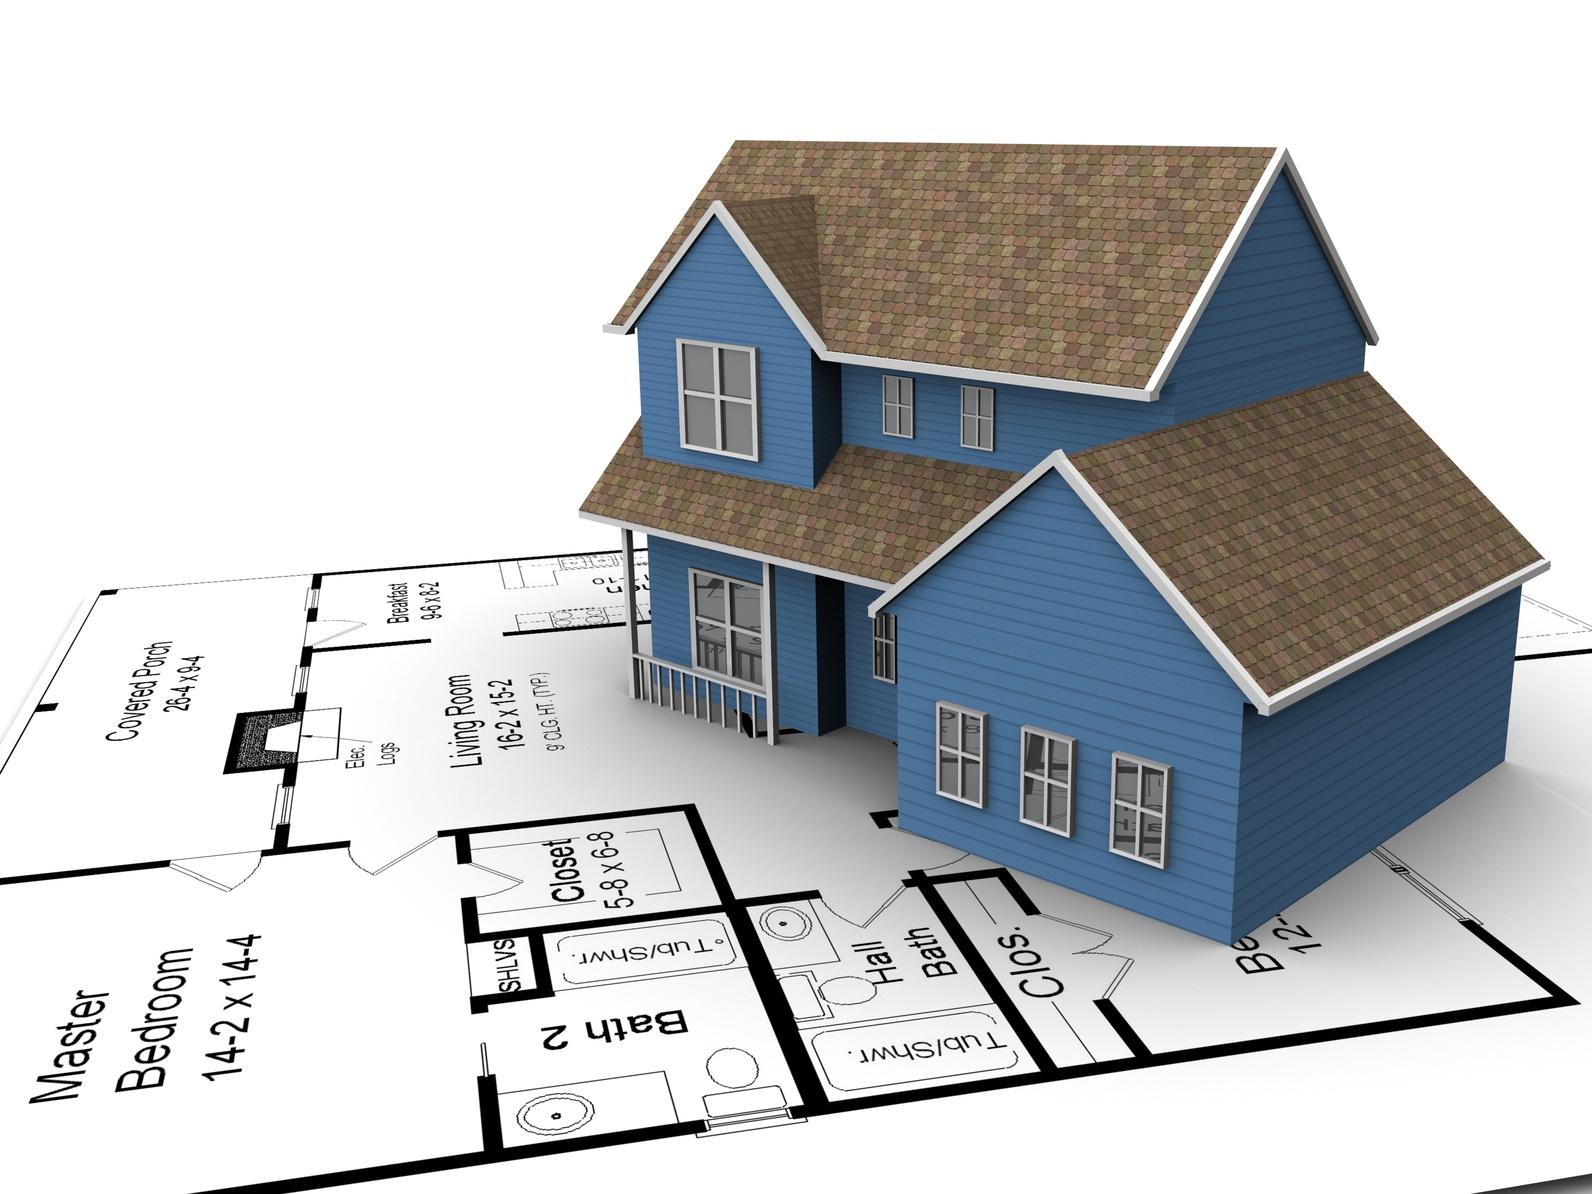 Xin cấp giấy phép xây dựng trước khi tiến hành